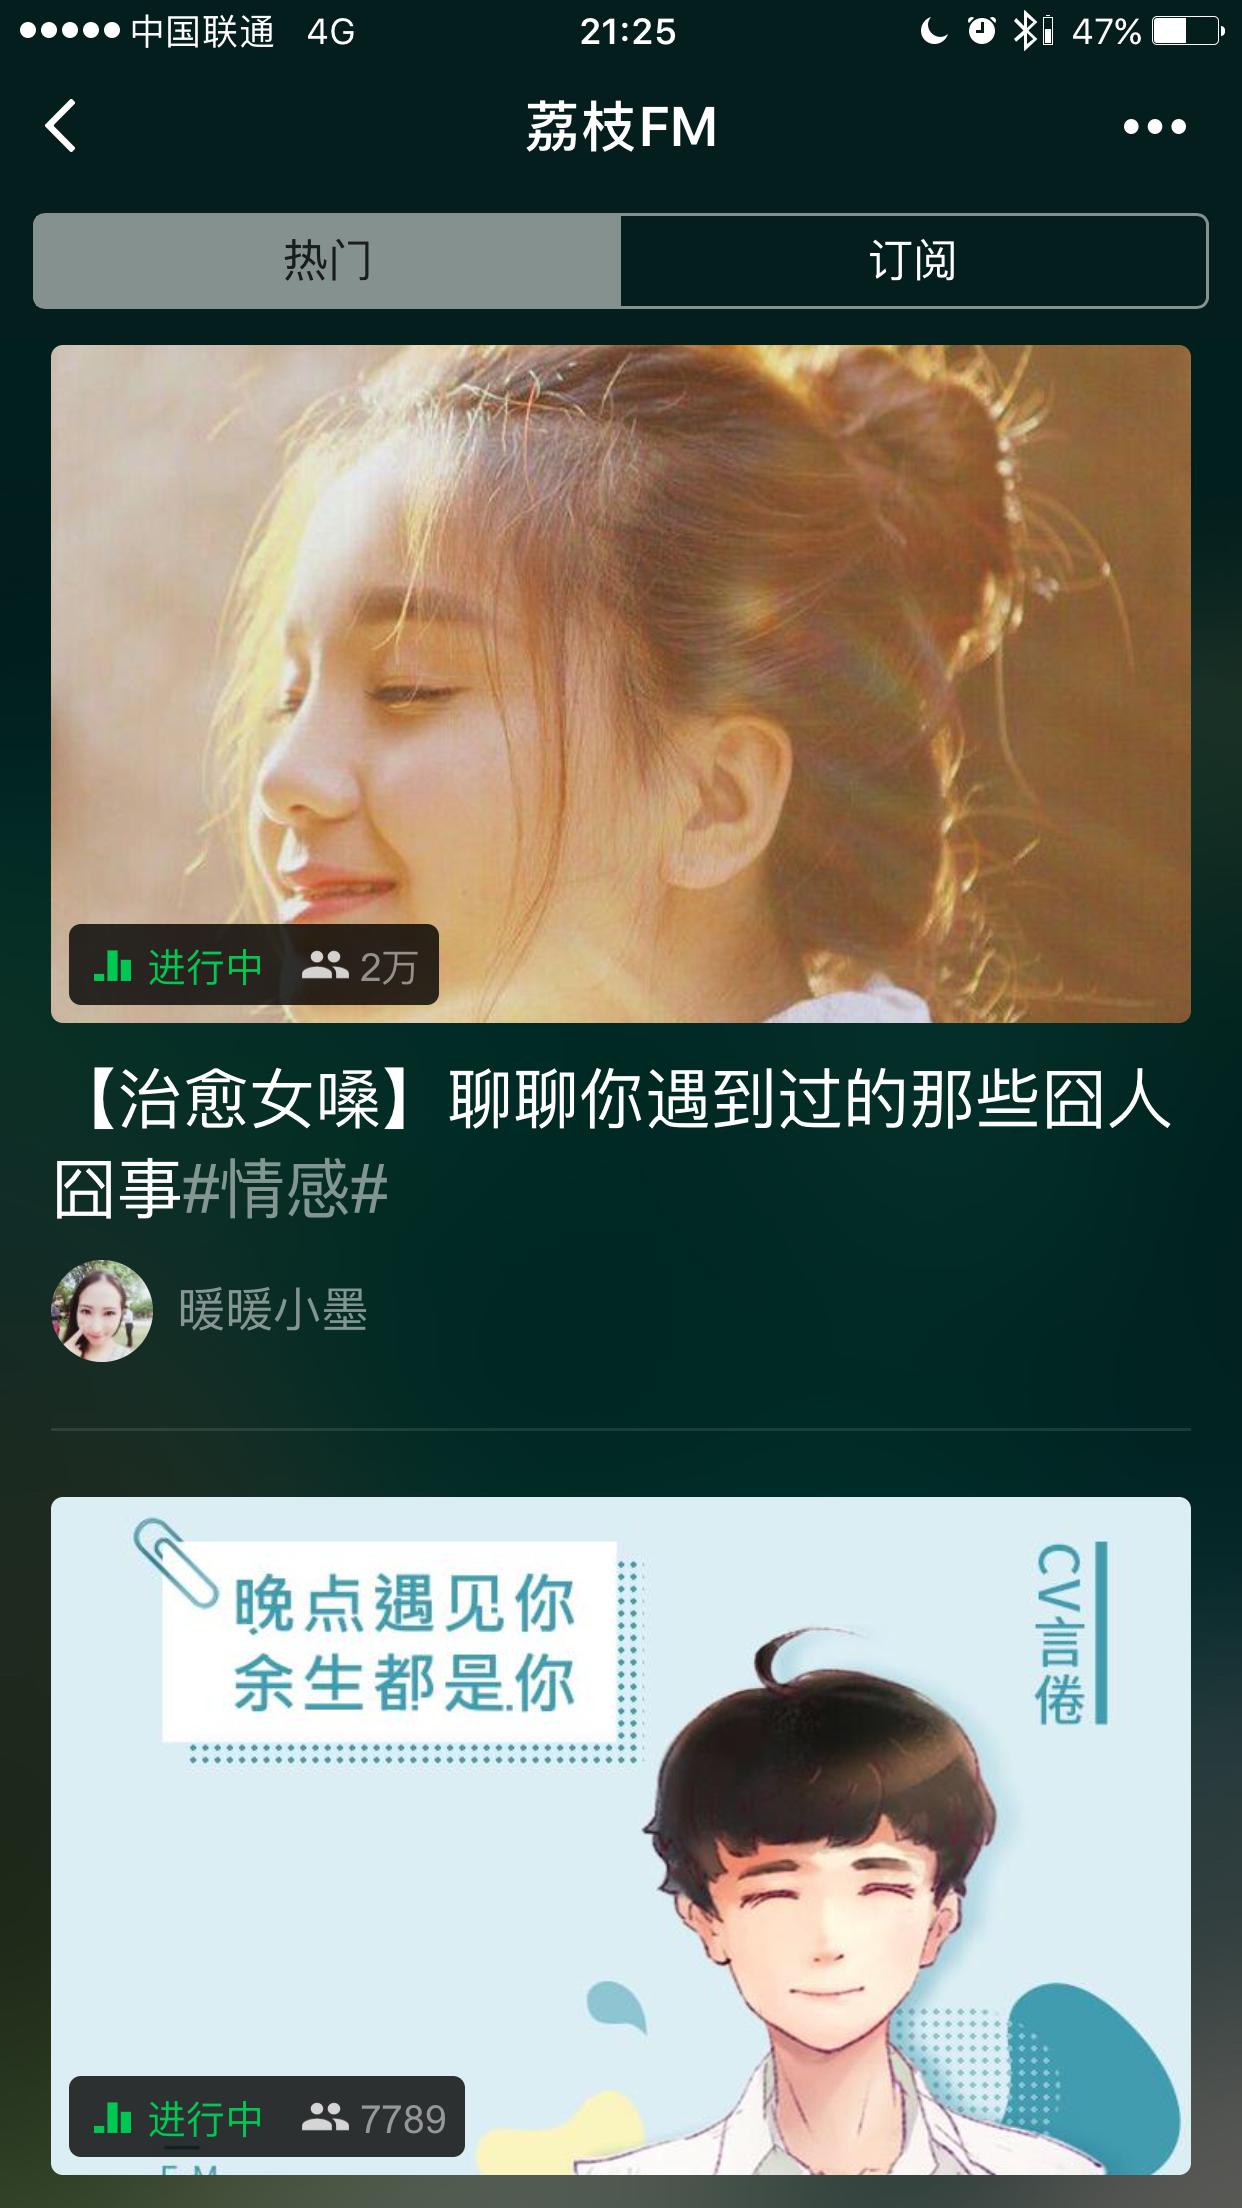 荔枝FM播客小程序